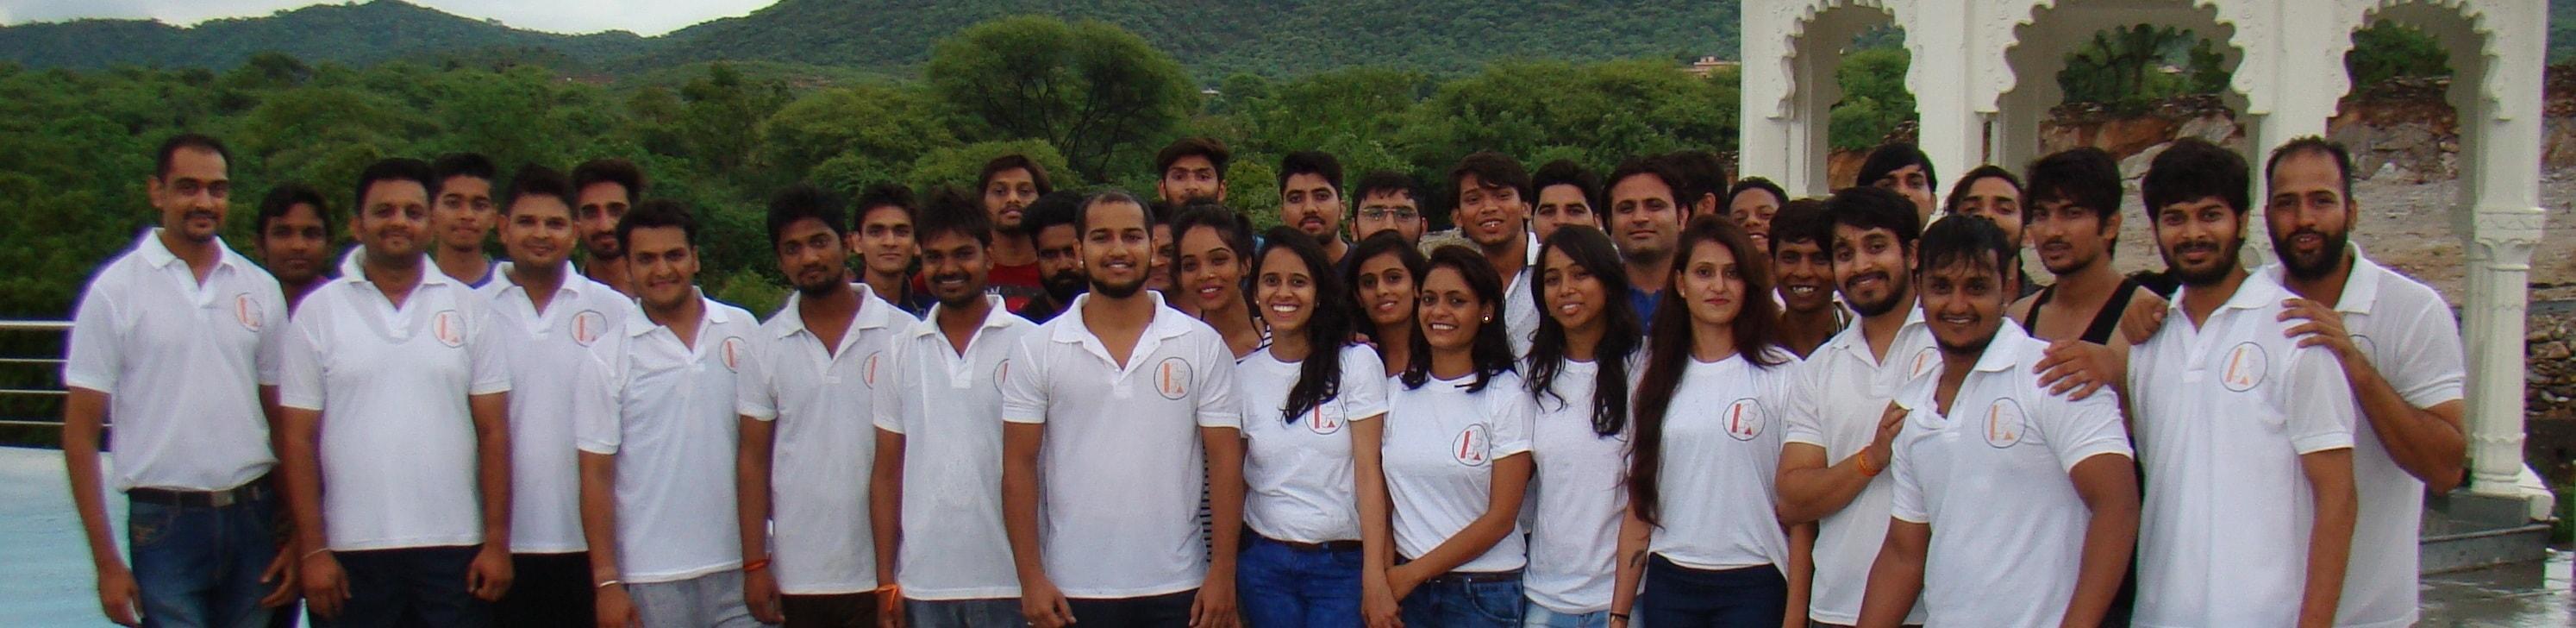 Team of Panoptic